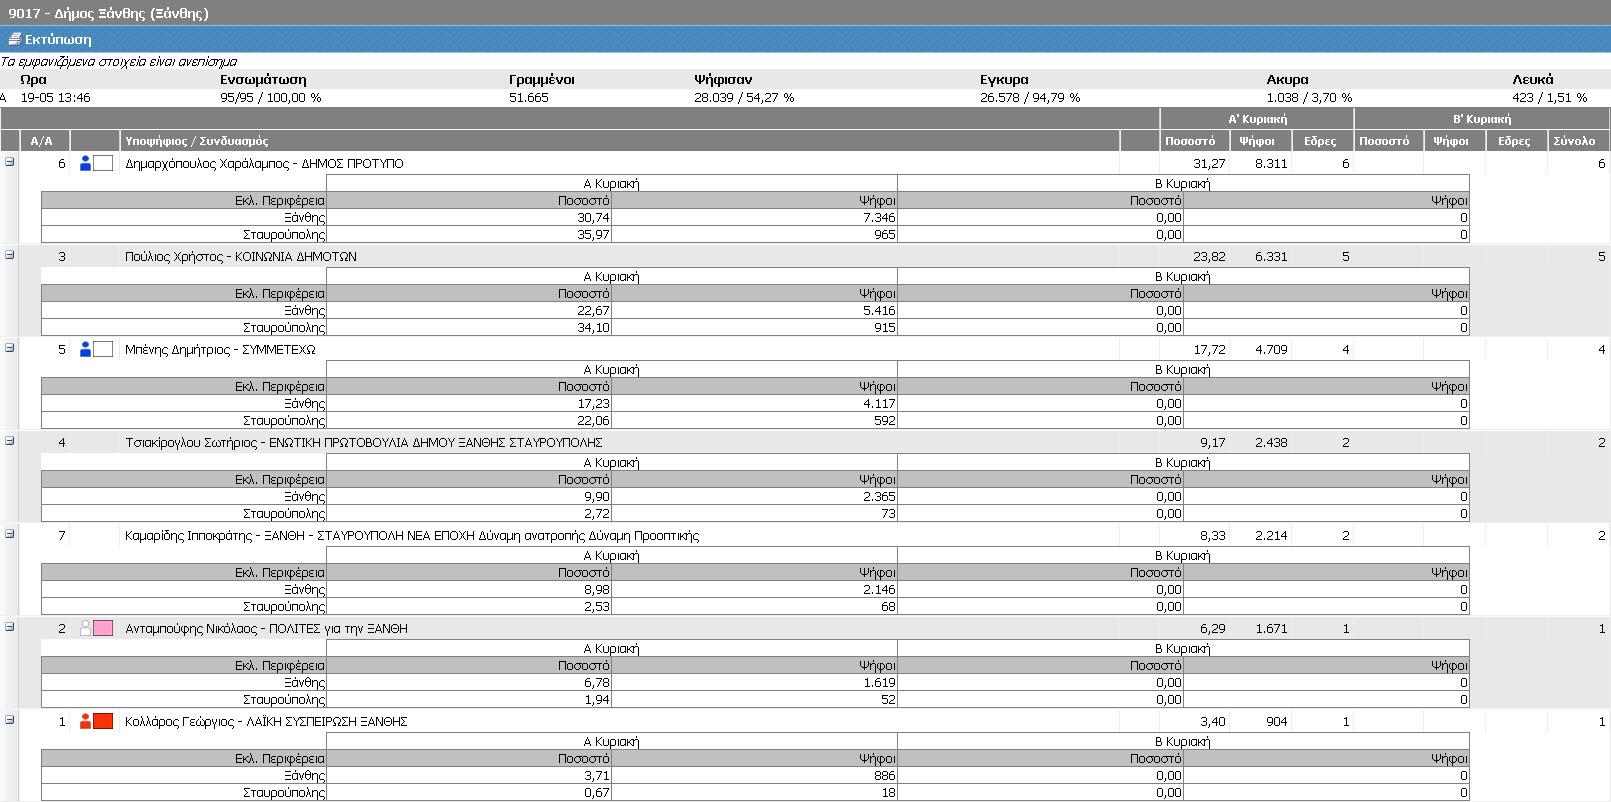 Δήμος Ξάνθης (Τελικά ΥΠΕΣ, Α' Κυριακή 18/5/2014 - αποτελέσματα 19/5/2014 13:46)